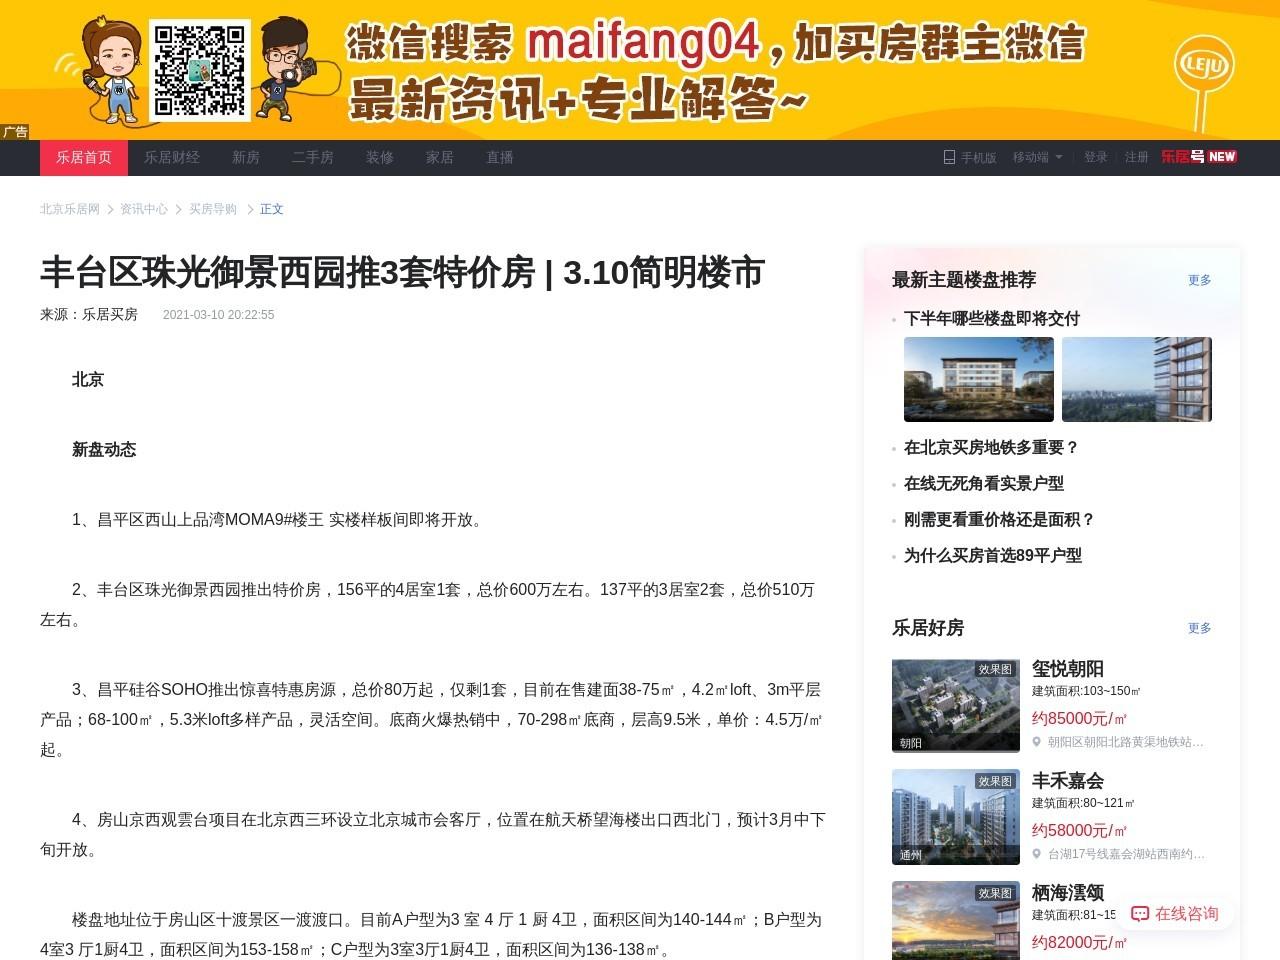 丰台区珠光御景西园推3套特价房 | 3.10简明楼市-买房导购-北京乐居网